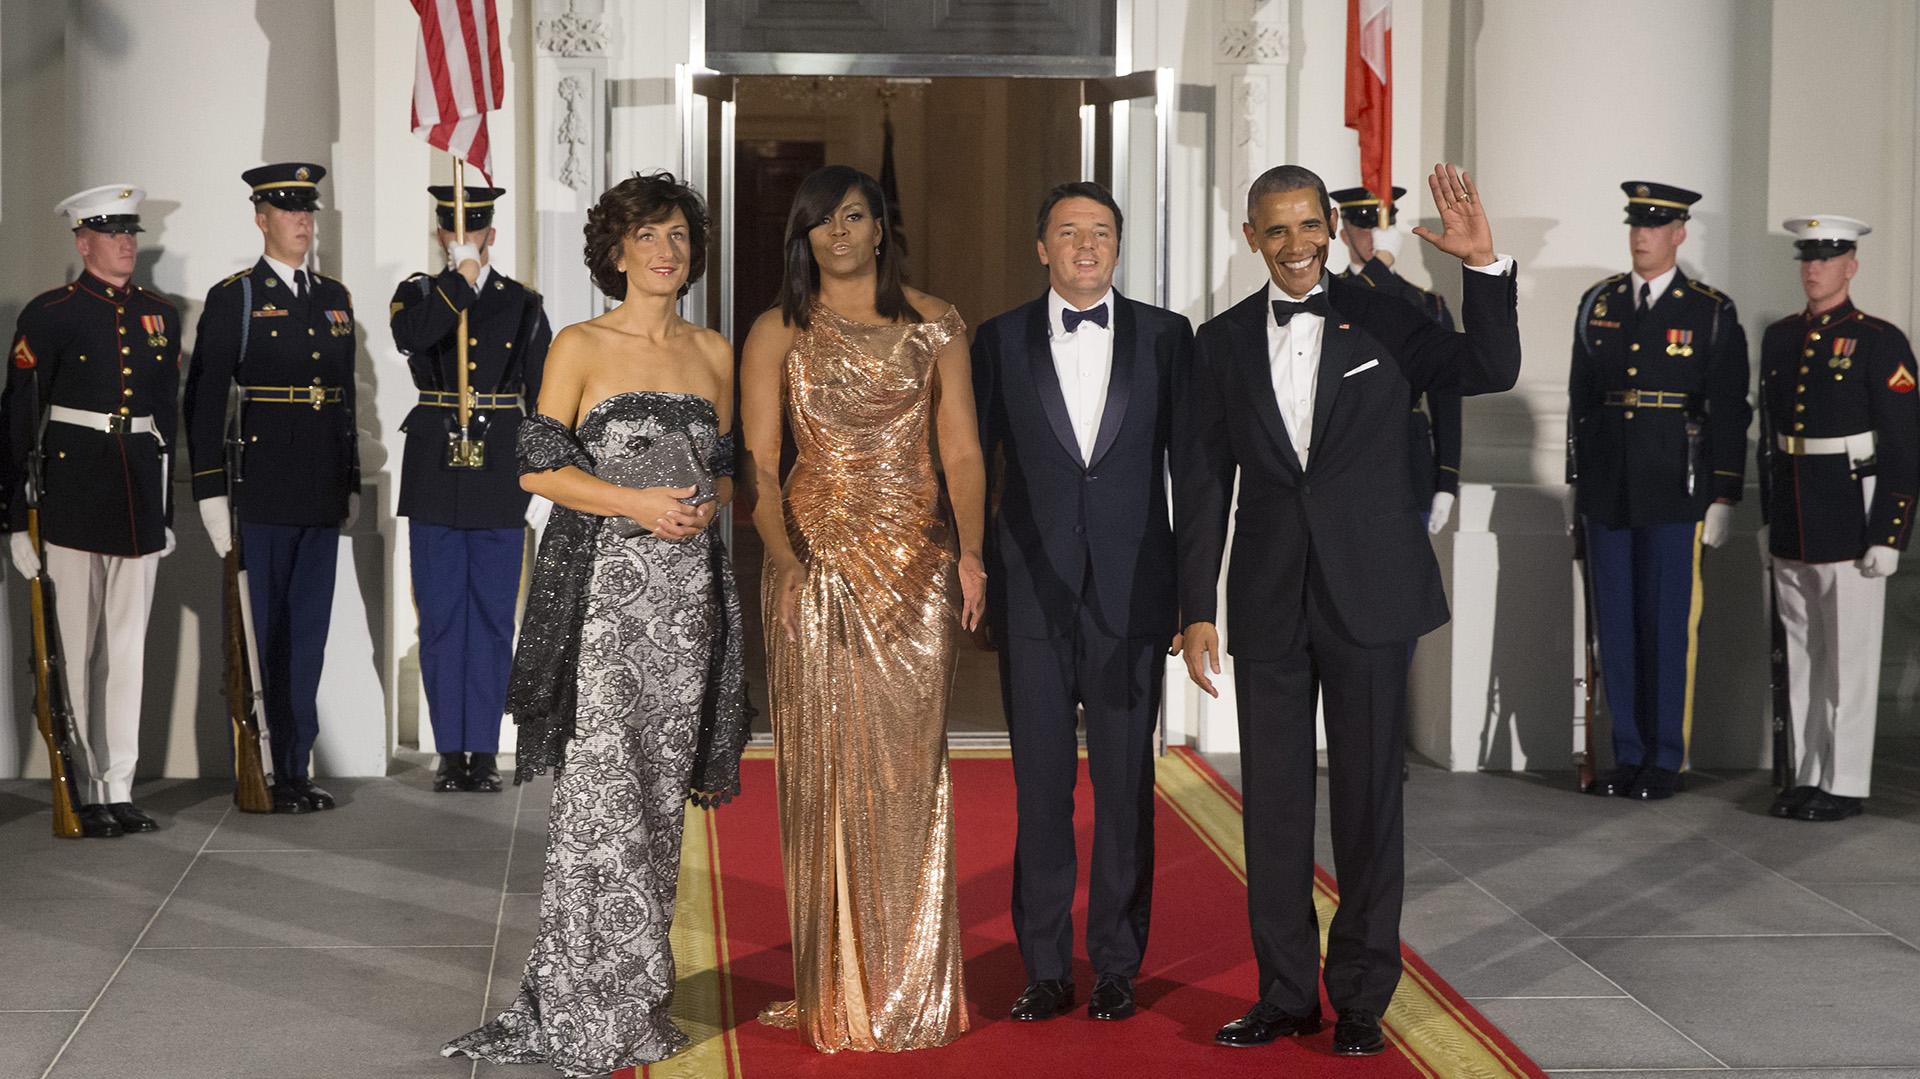 El presidente estadounidense, Barack Obama, junto con su esposa, Michelle, recibieron al primer ministro italiano, Matteo Renzi y a su esposa, Agnese Landini